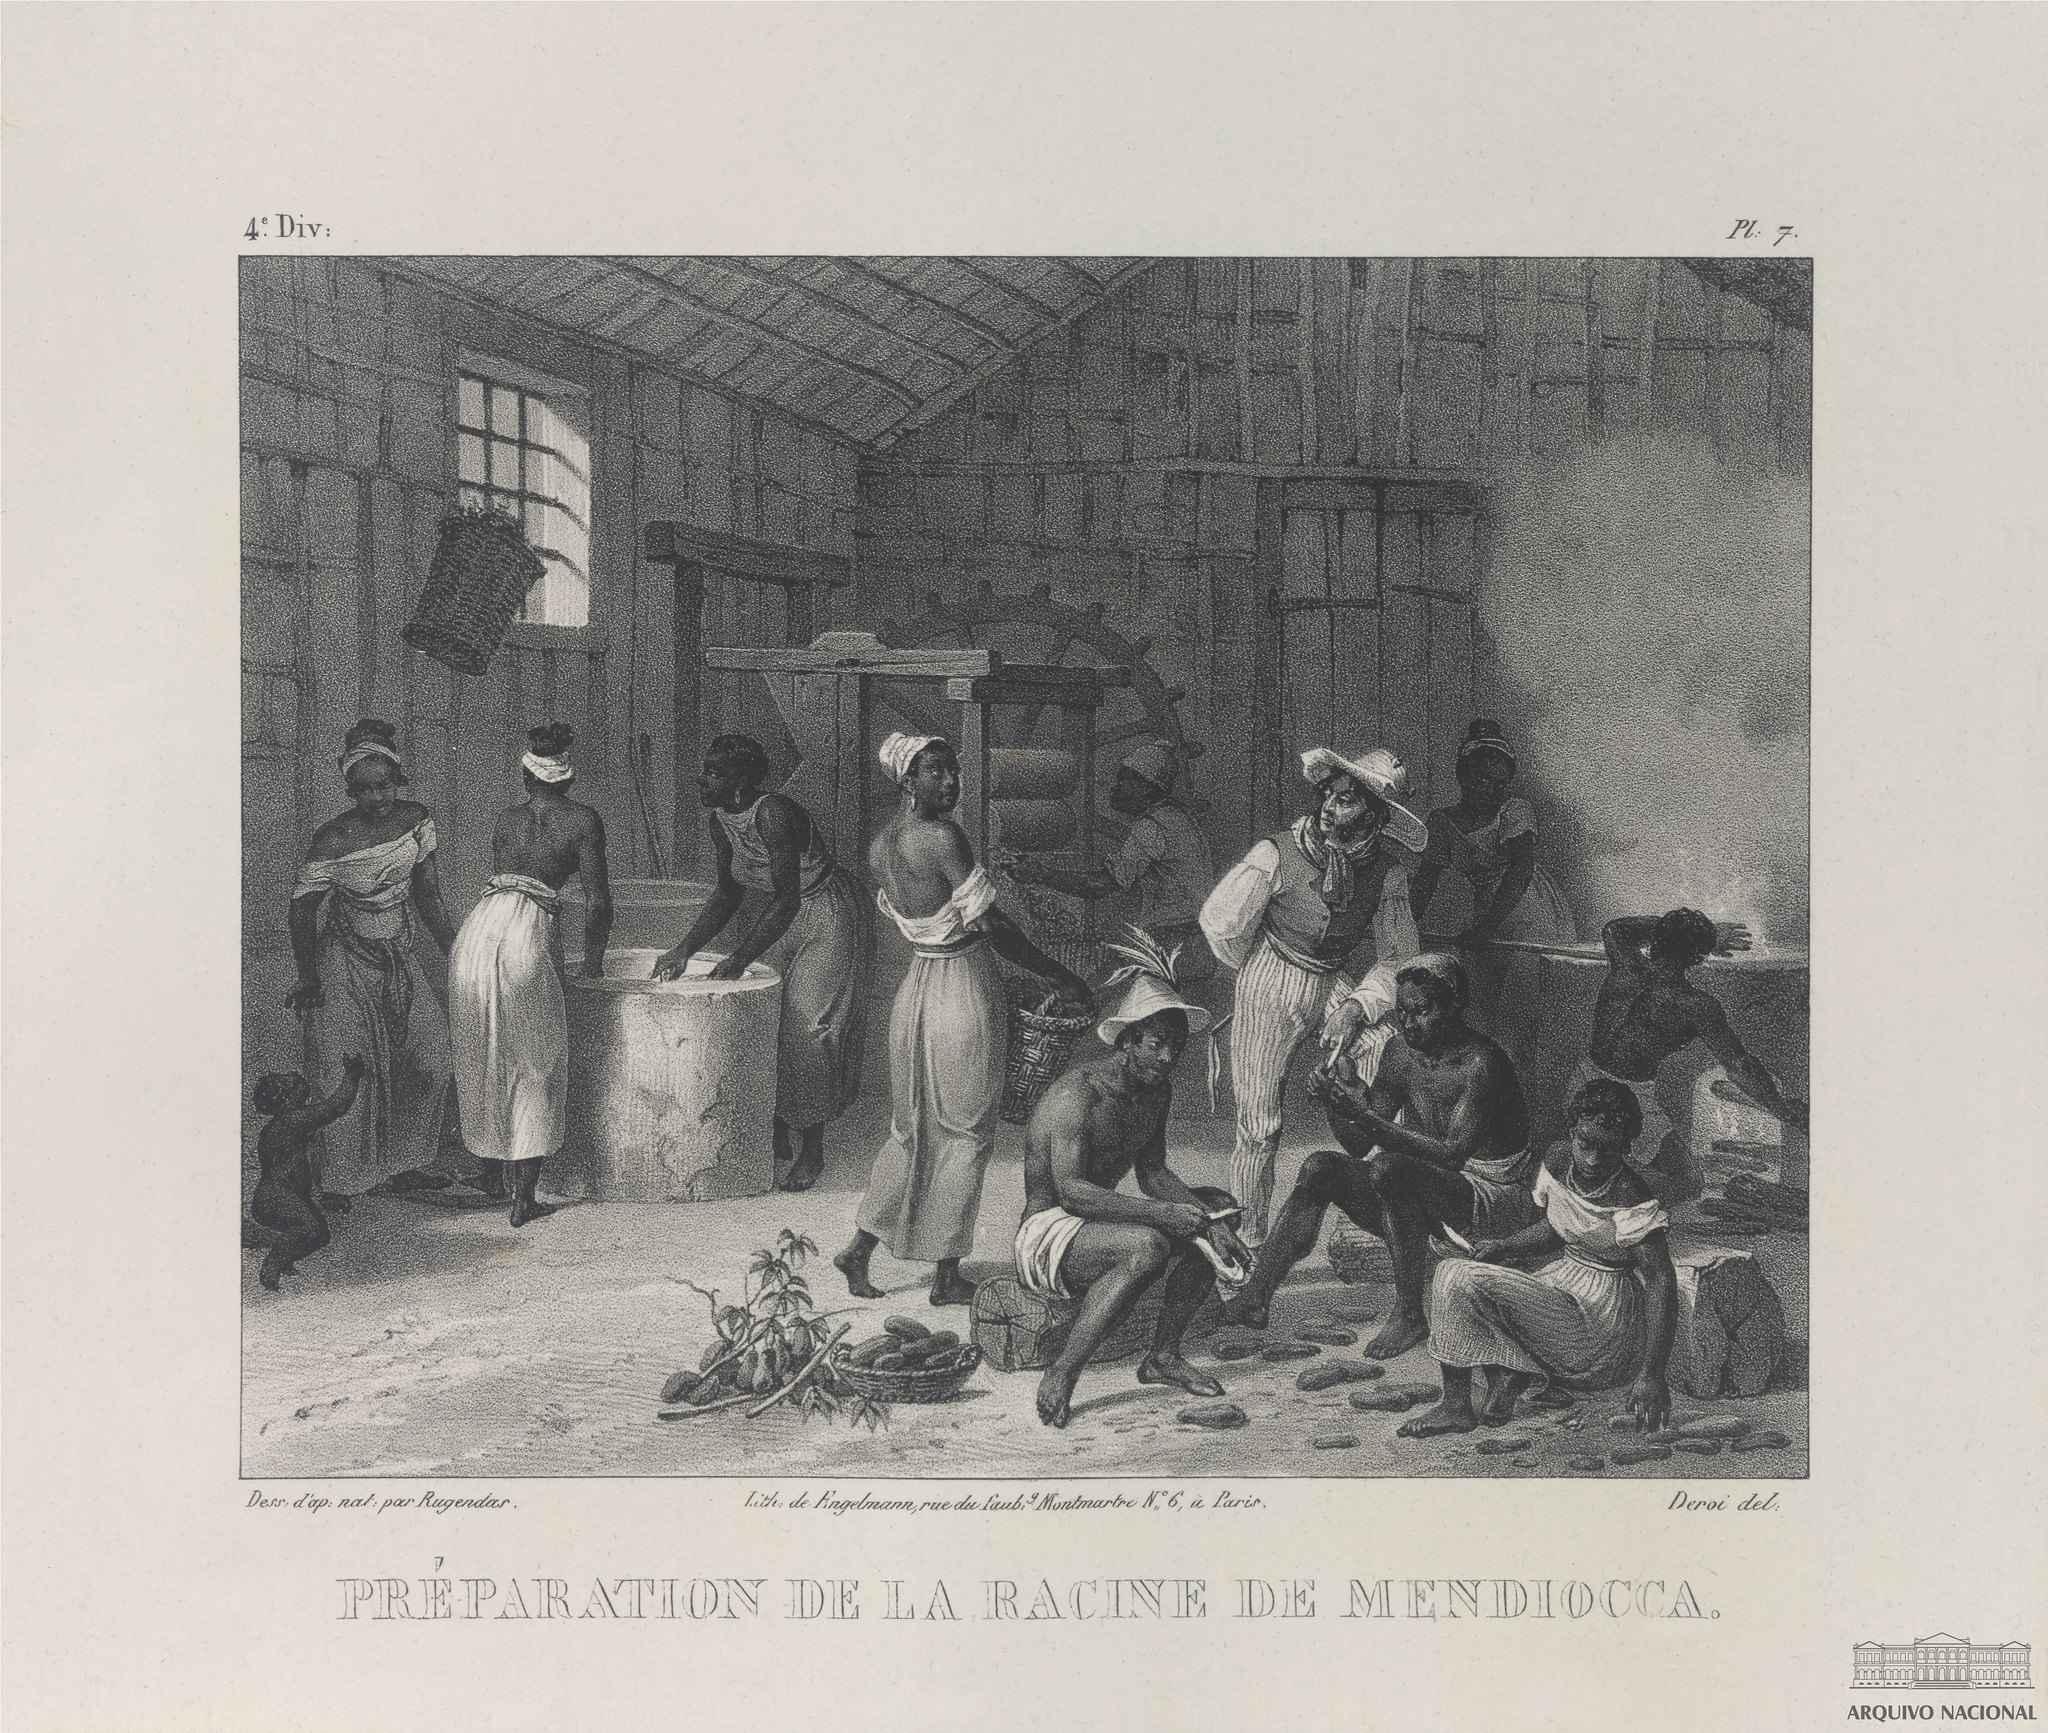 'Préparation de la Racine de mendiocca' (Preparação da raiz de mandioca), gravura que integra a obra 'Voyage pittoresque dans le Bresil', de Johann Moritz Rugendas, 1835